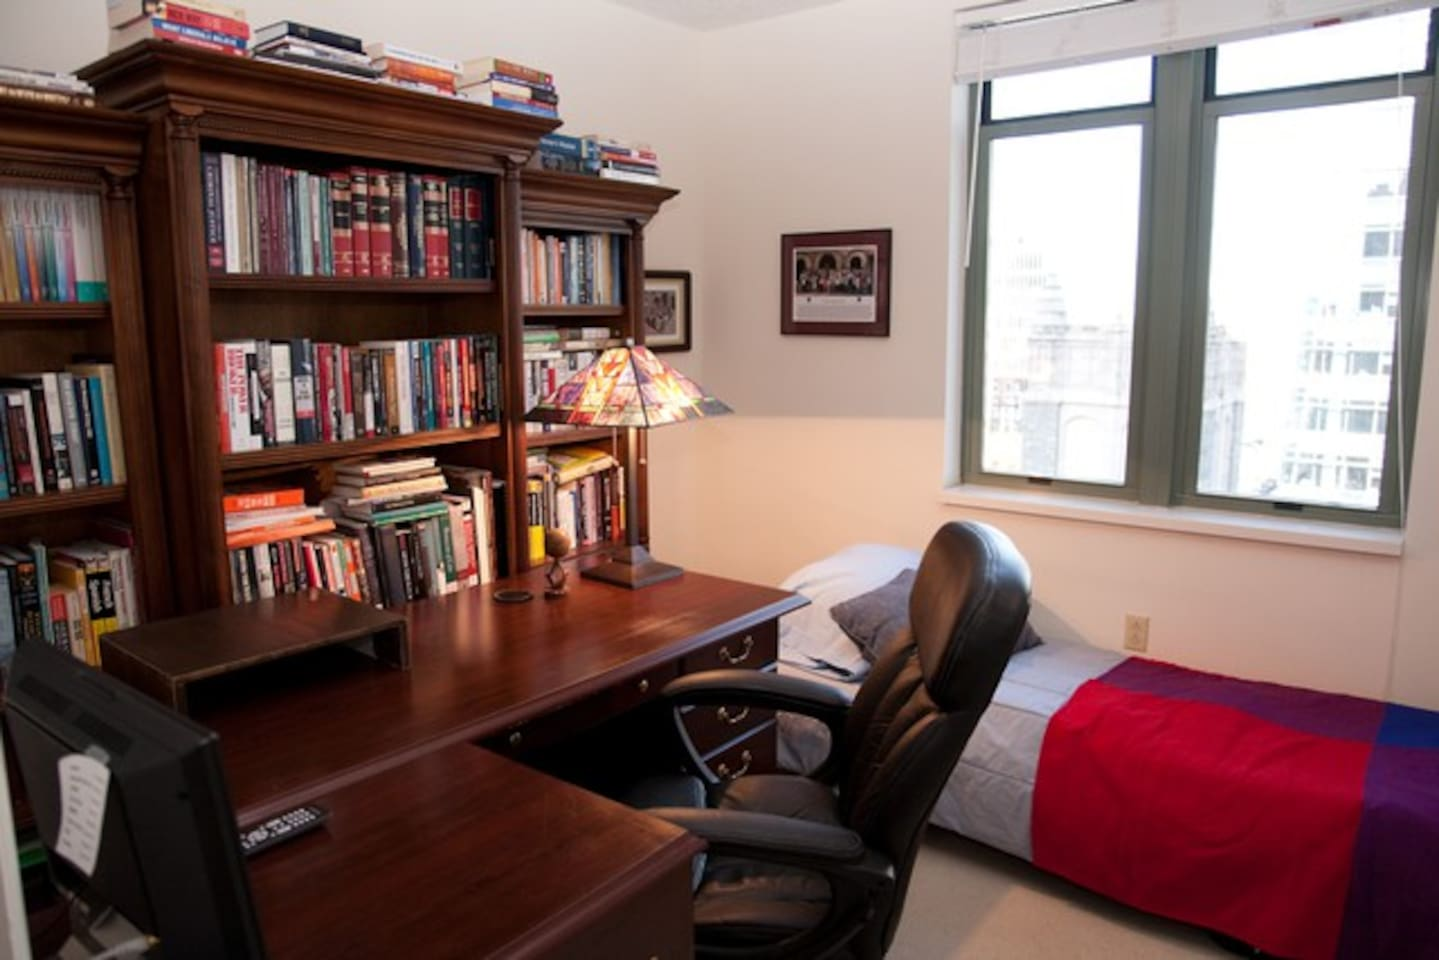 Your room: TV, desk, bed, window, view.